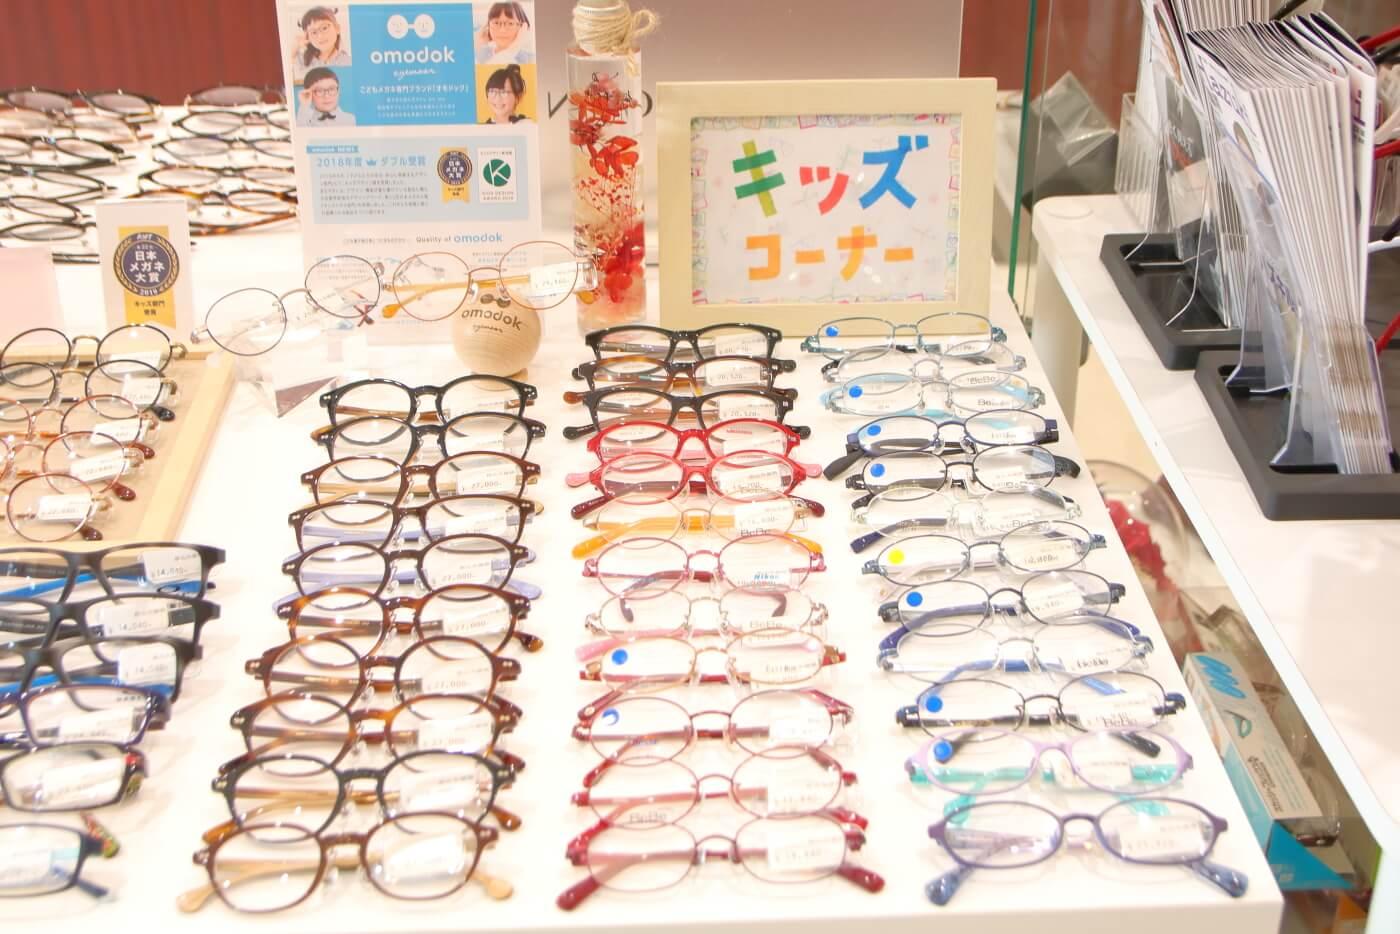 高知市上町の眼鏡店ミナミメガネの店内に陳列されたキッズメガネ